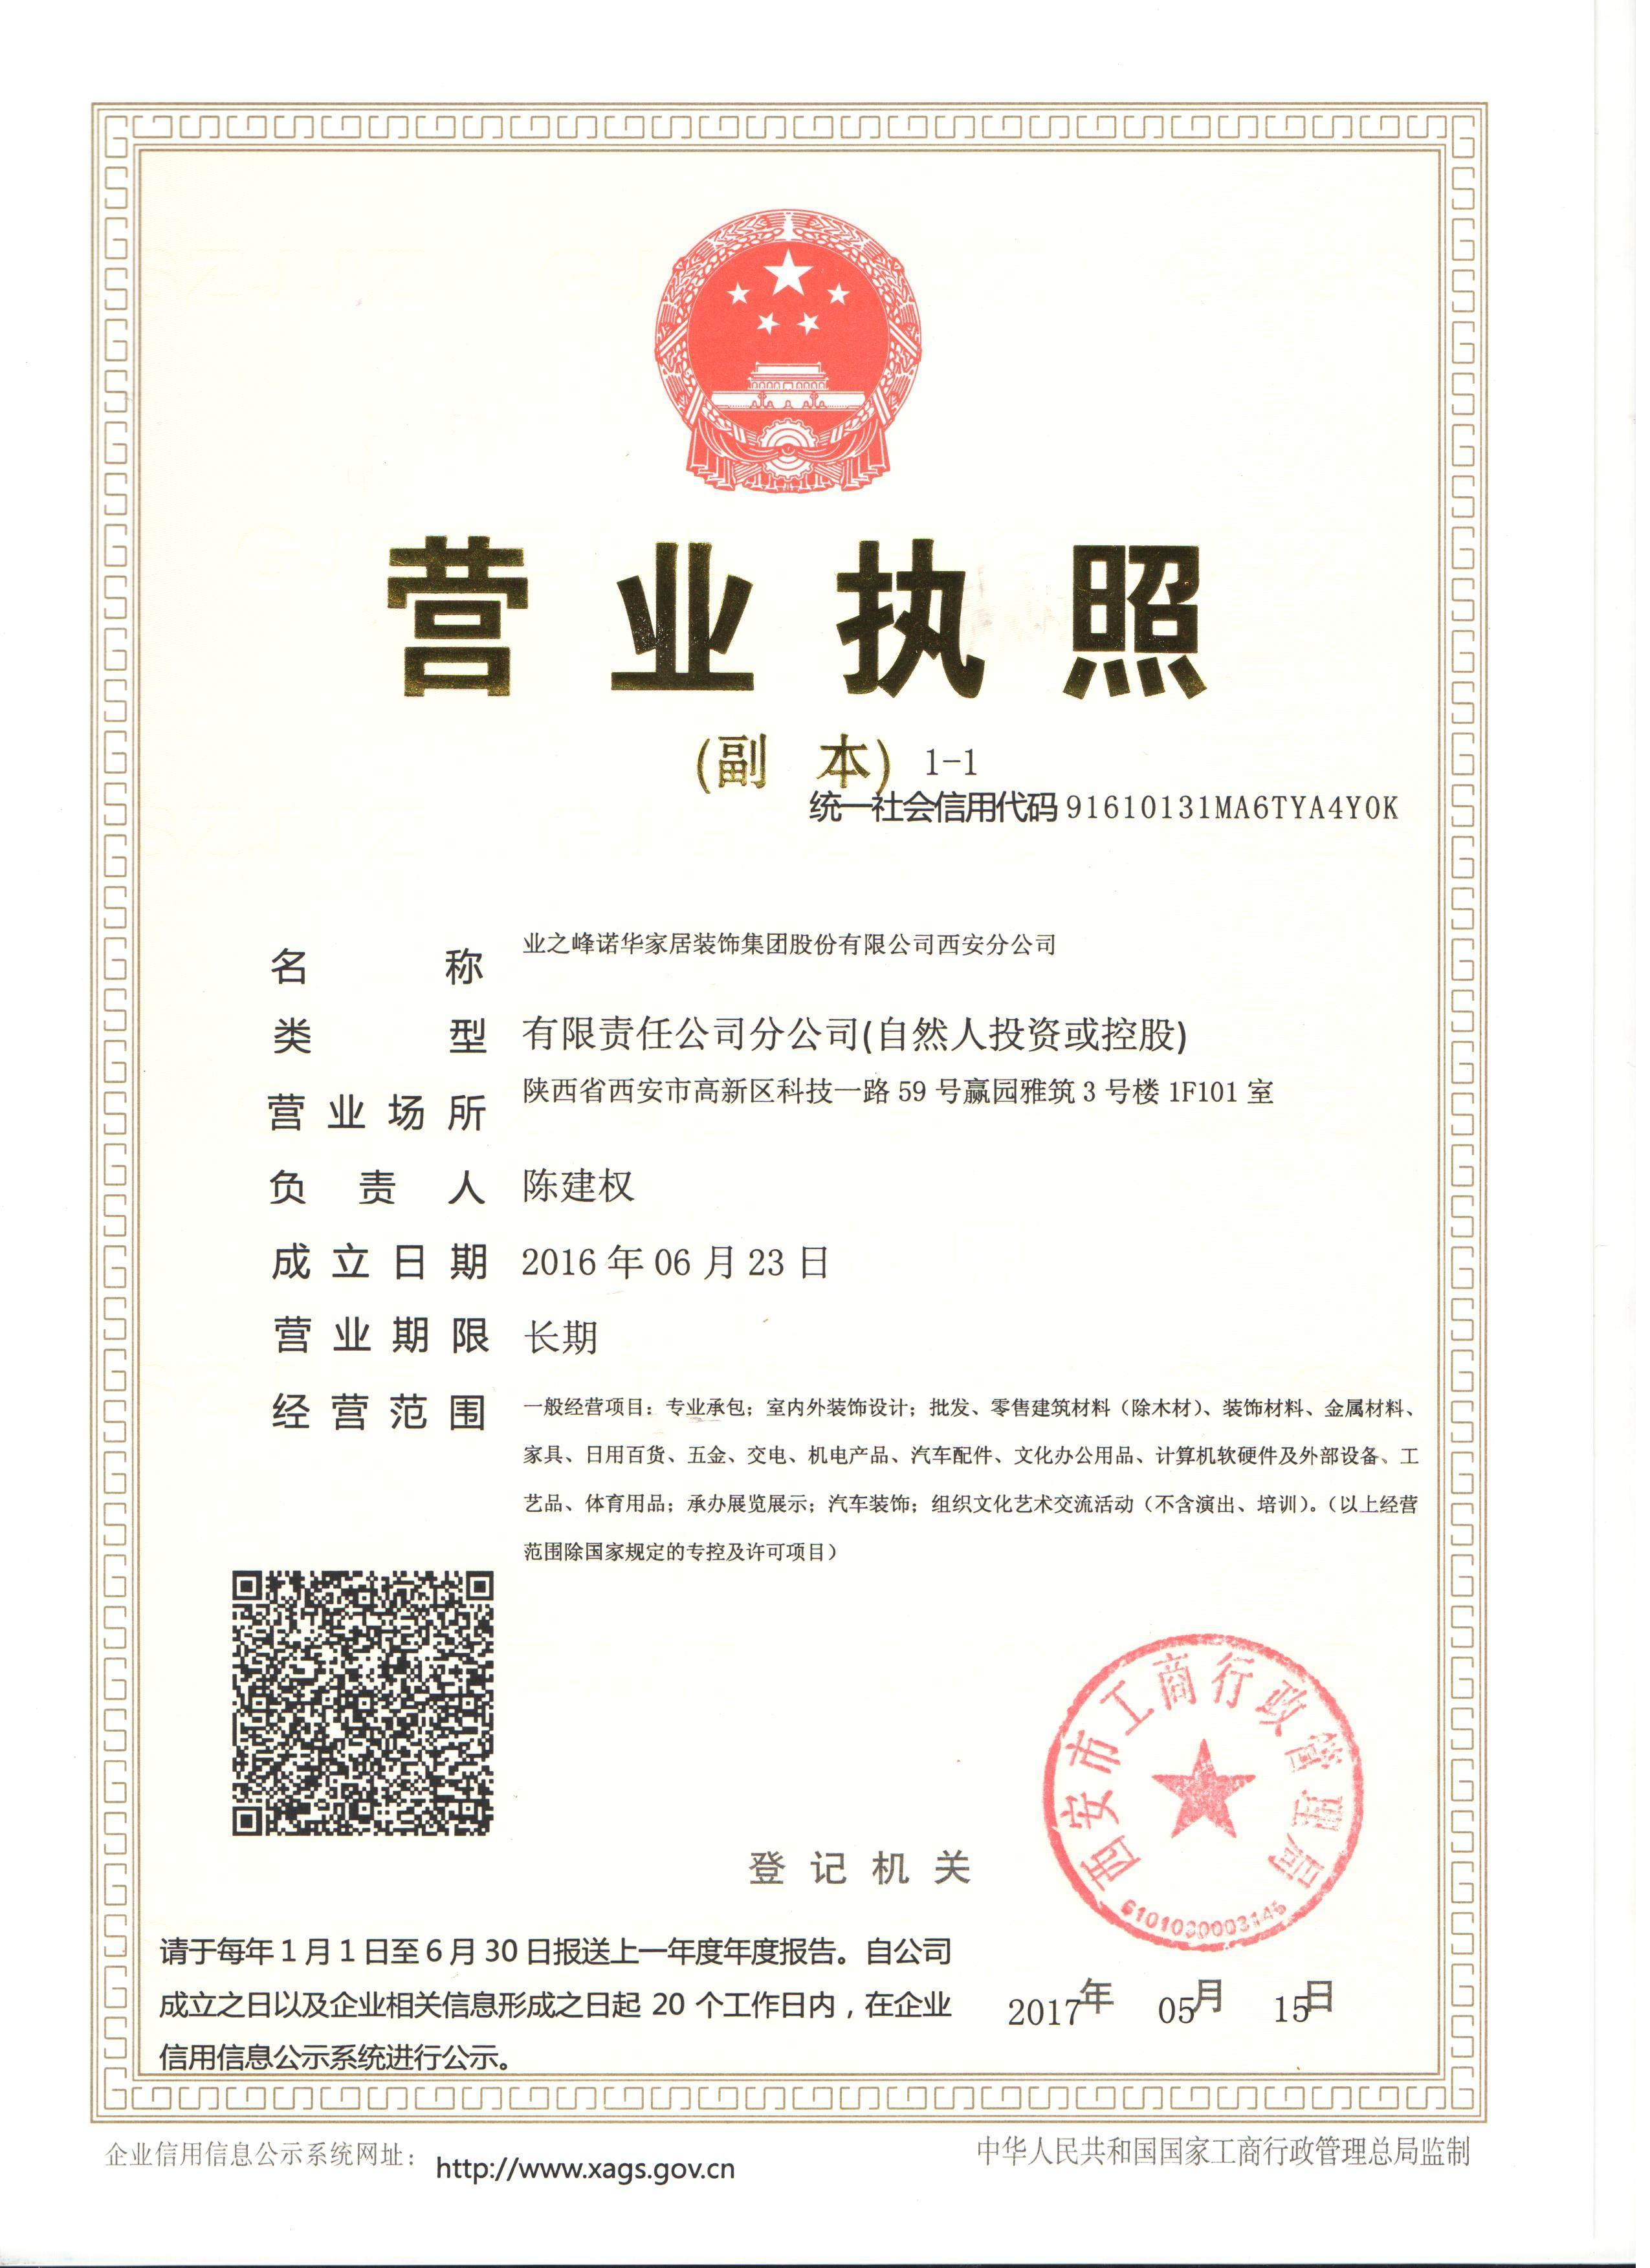 业之峰诺华家居装饰集团股份有限公司西安分公司